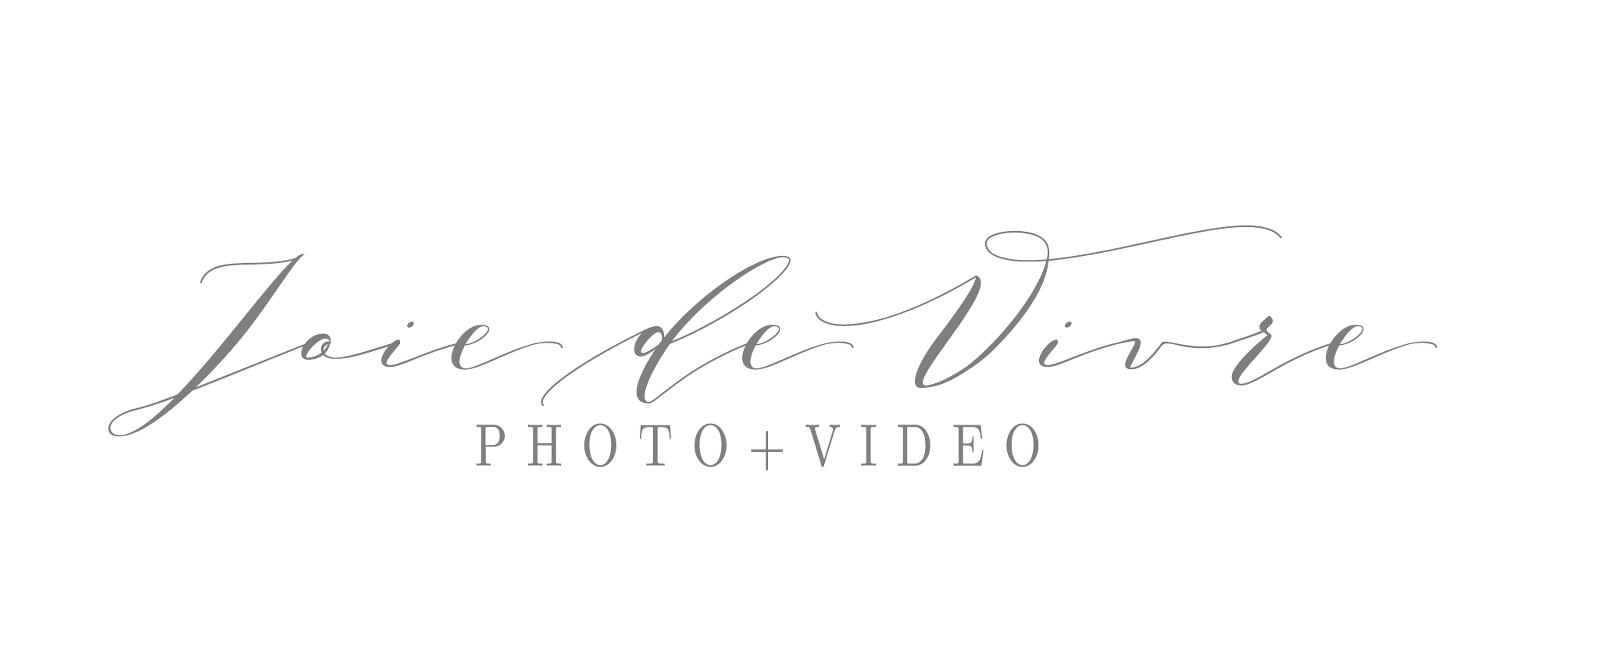 joie de vivre photography logo